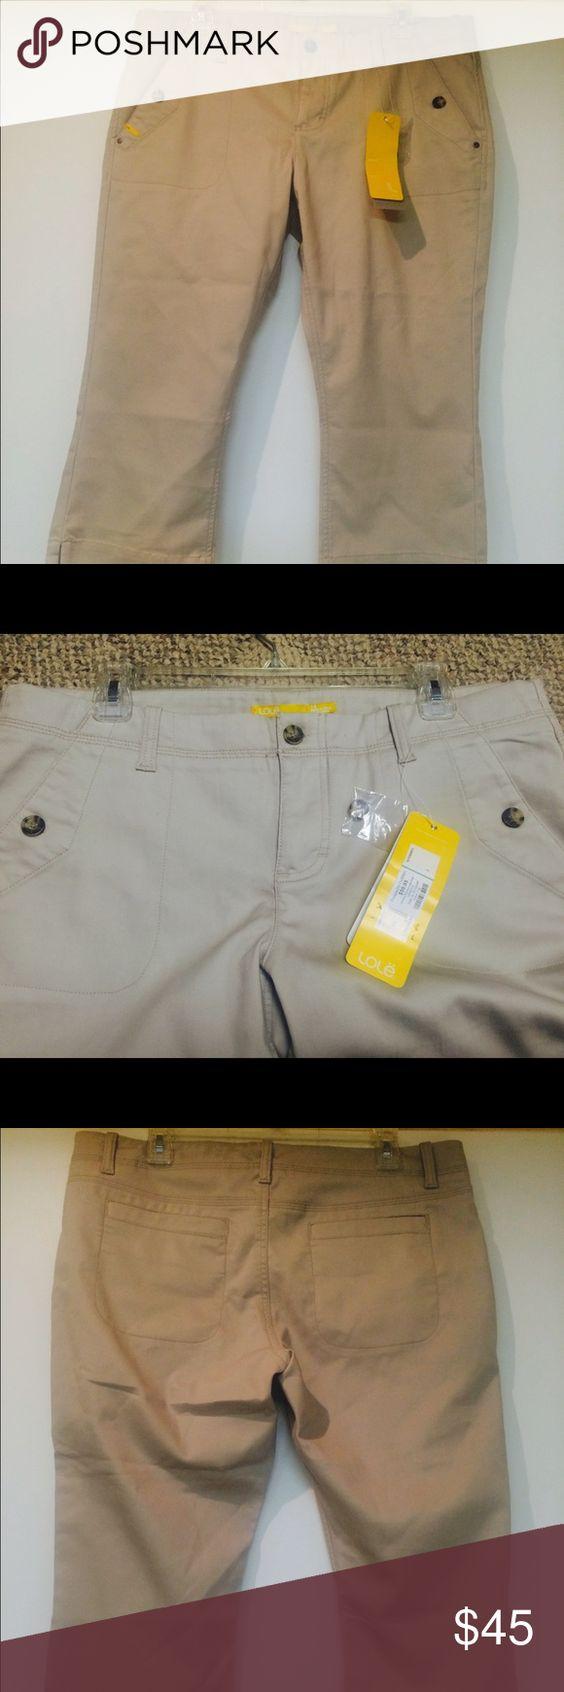 Like khaki capri's Promenade Capri 66% cotton 31% polyester stretchy Capri pants with front and back pockets. Lole Pants Capris